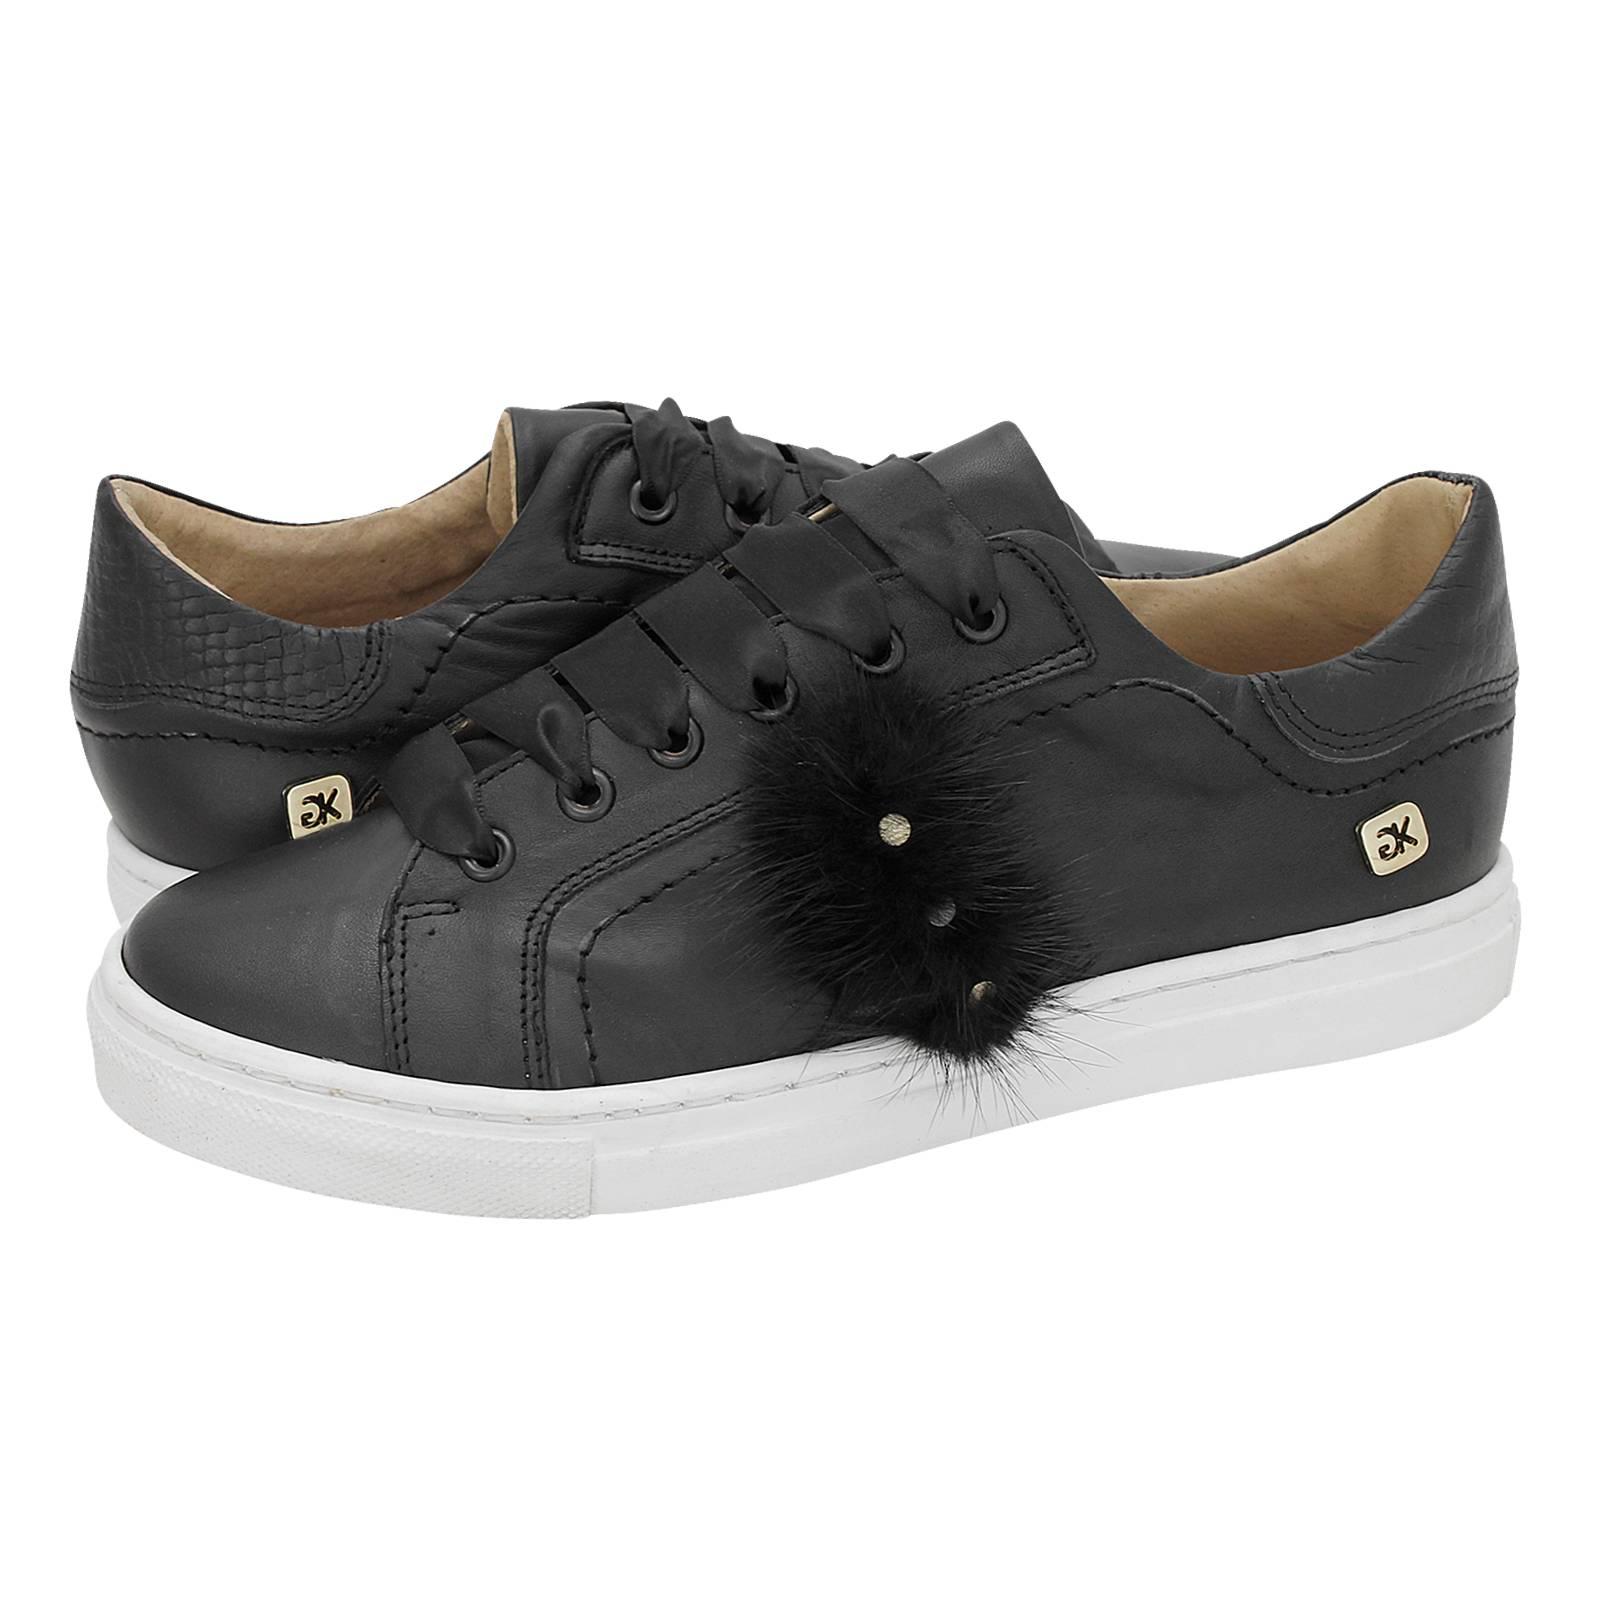 Crossen - Γυναικεία παπούτσια casual Gianna Kazakou από δερμα και ... 3d034994e01